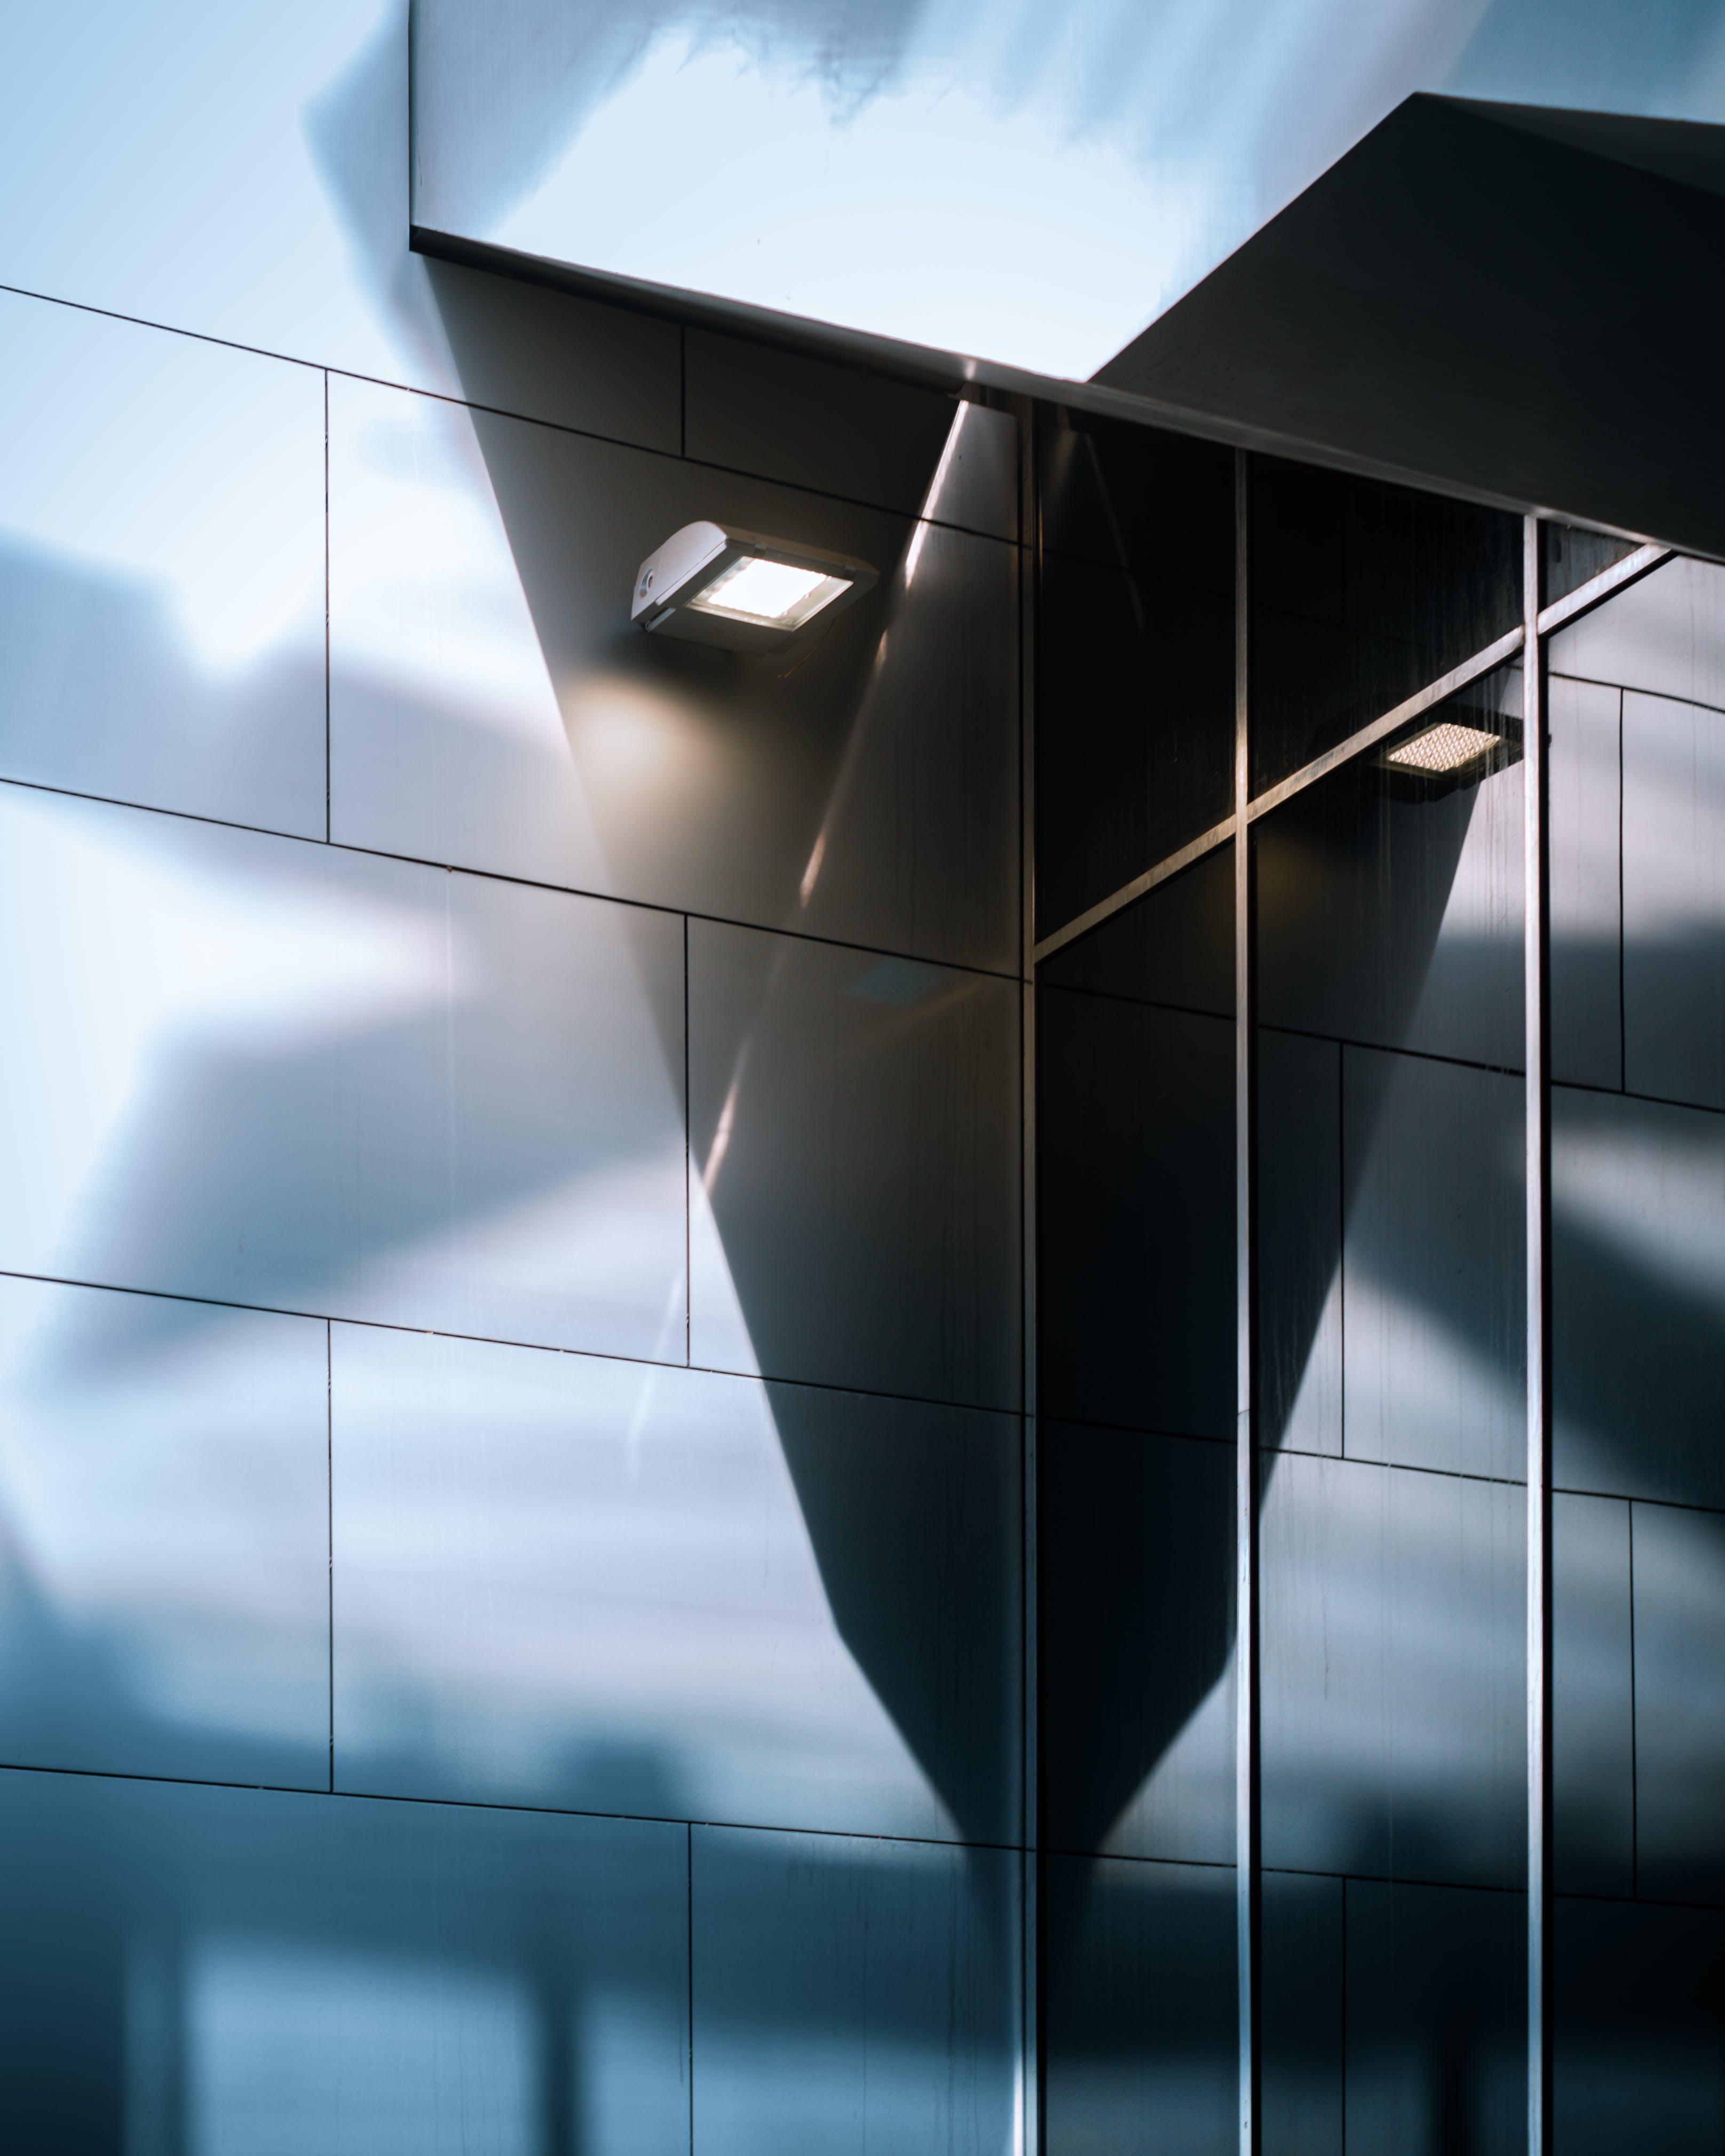 Fotos de stock gratuitas de abstracto, acero, aeropuerto, arquitectura